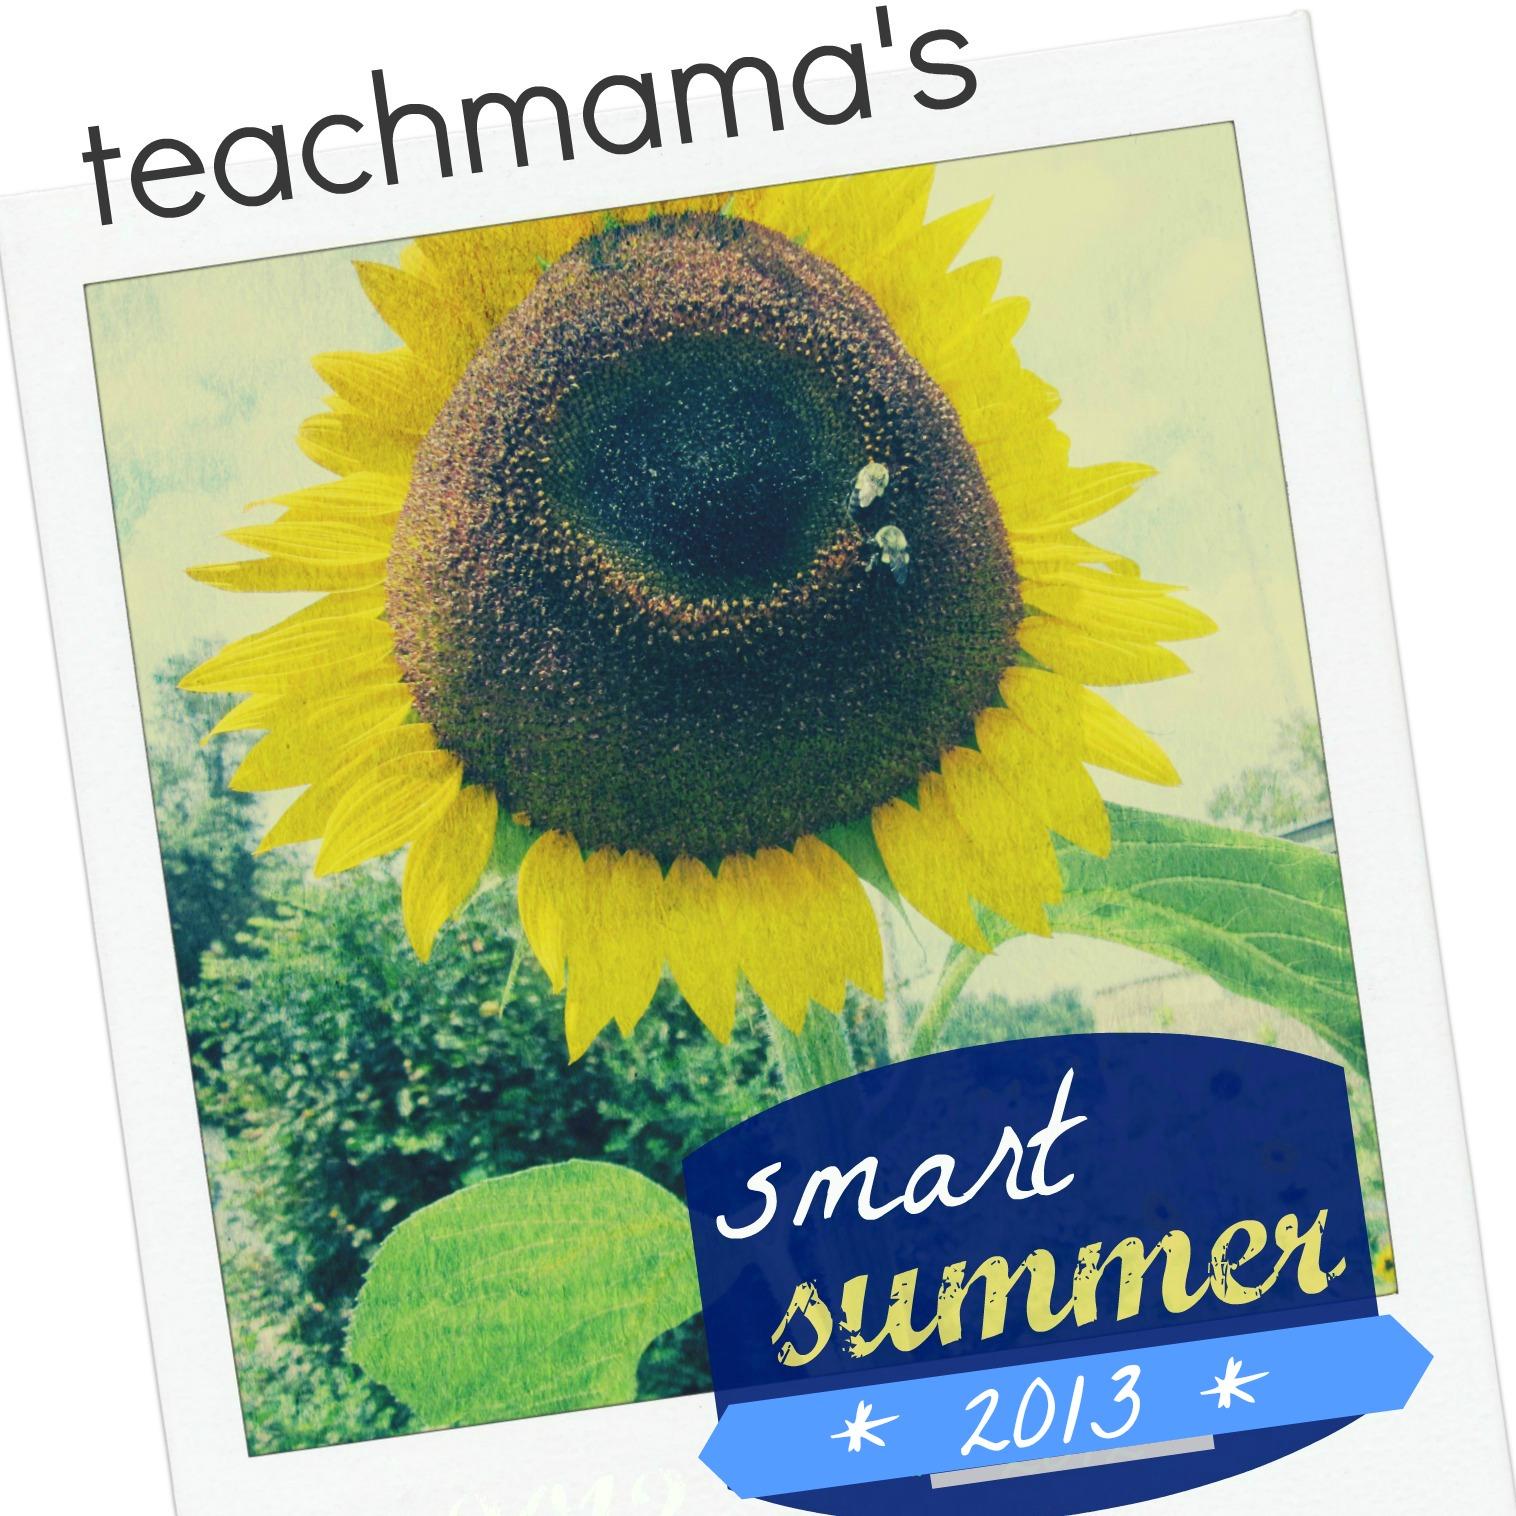 smart summer fun ideas: 2013 calendar